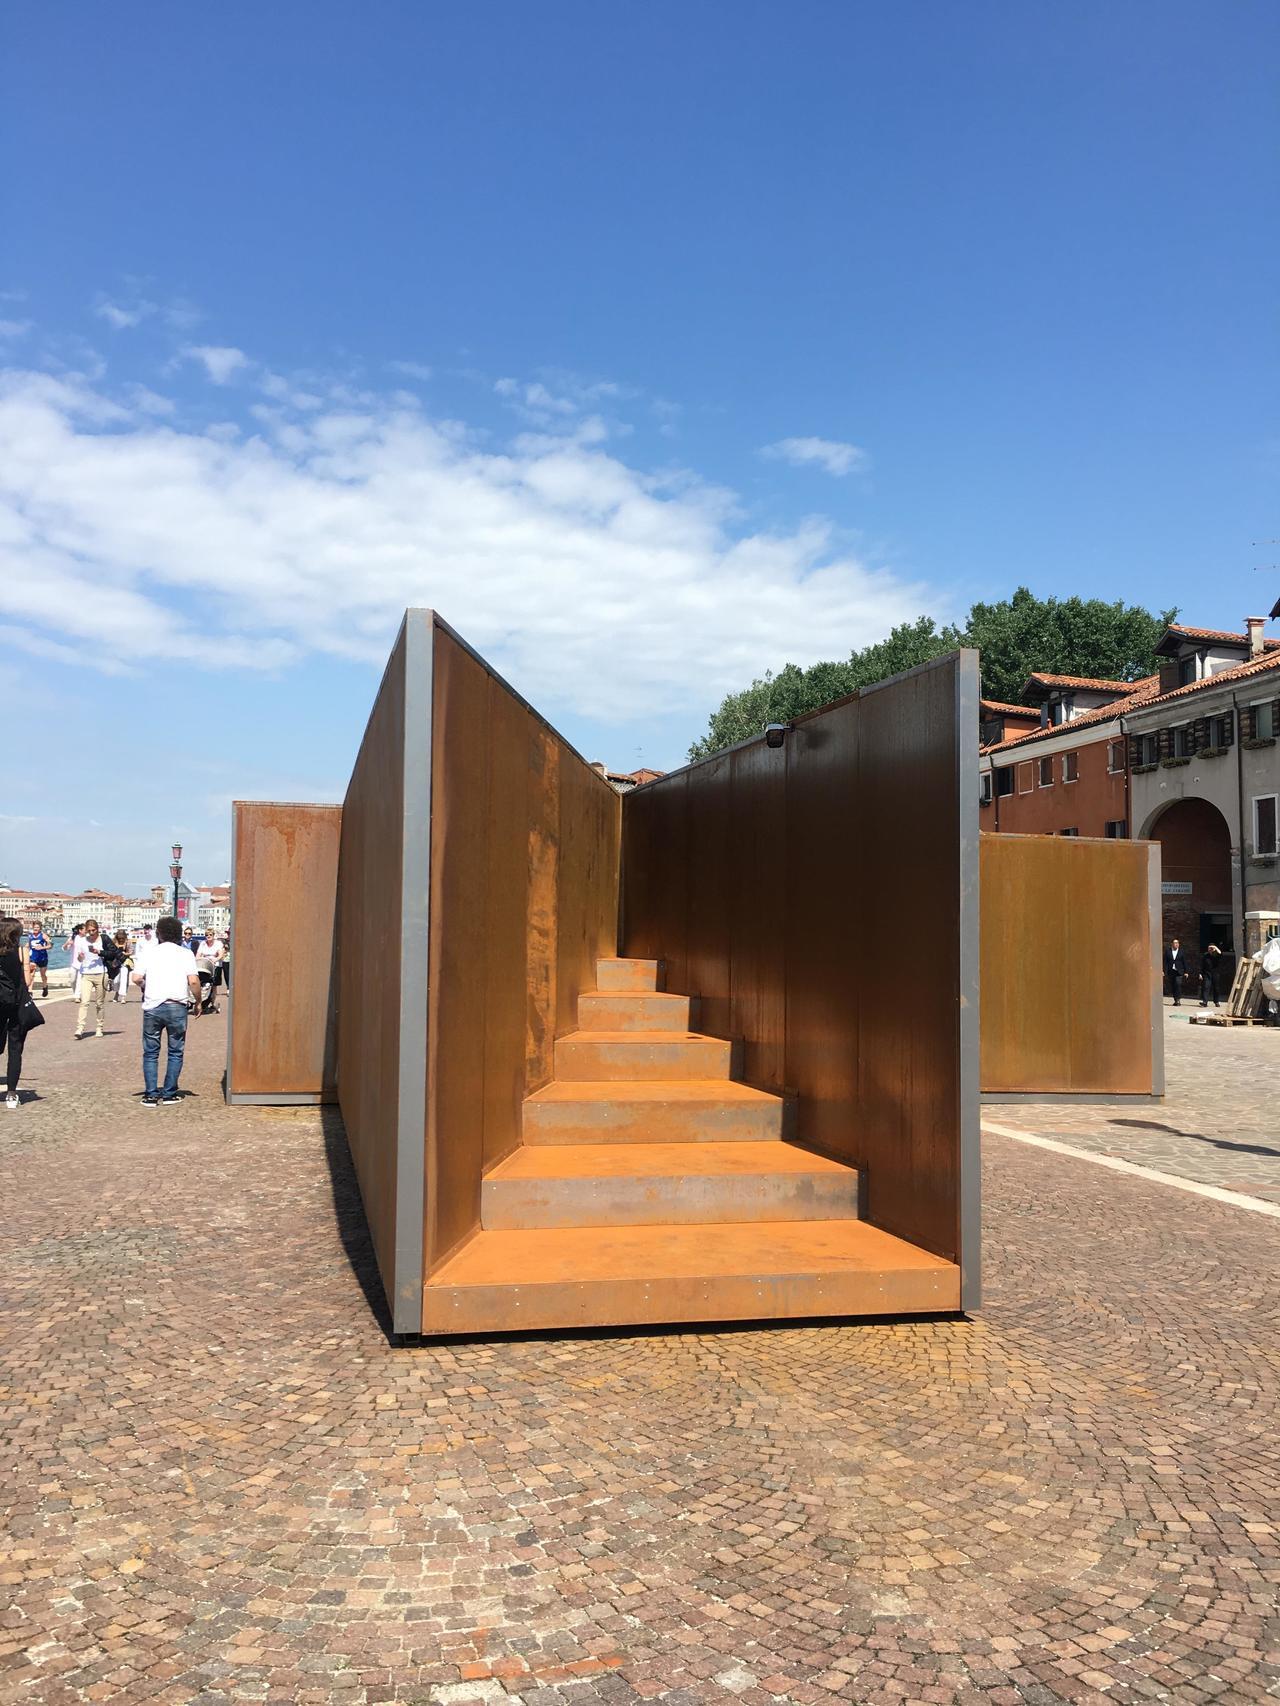 威尼斯建築雙年展期間,走在街上都會有意外的展品。圖為耐候鋼製品,推廣不怕生鏽的鋼...